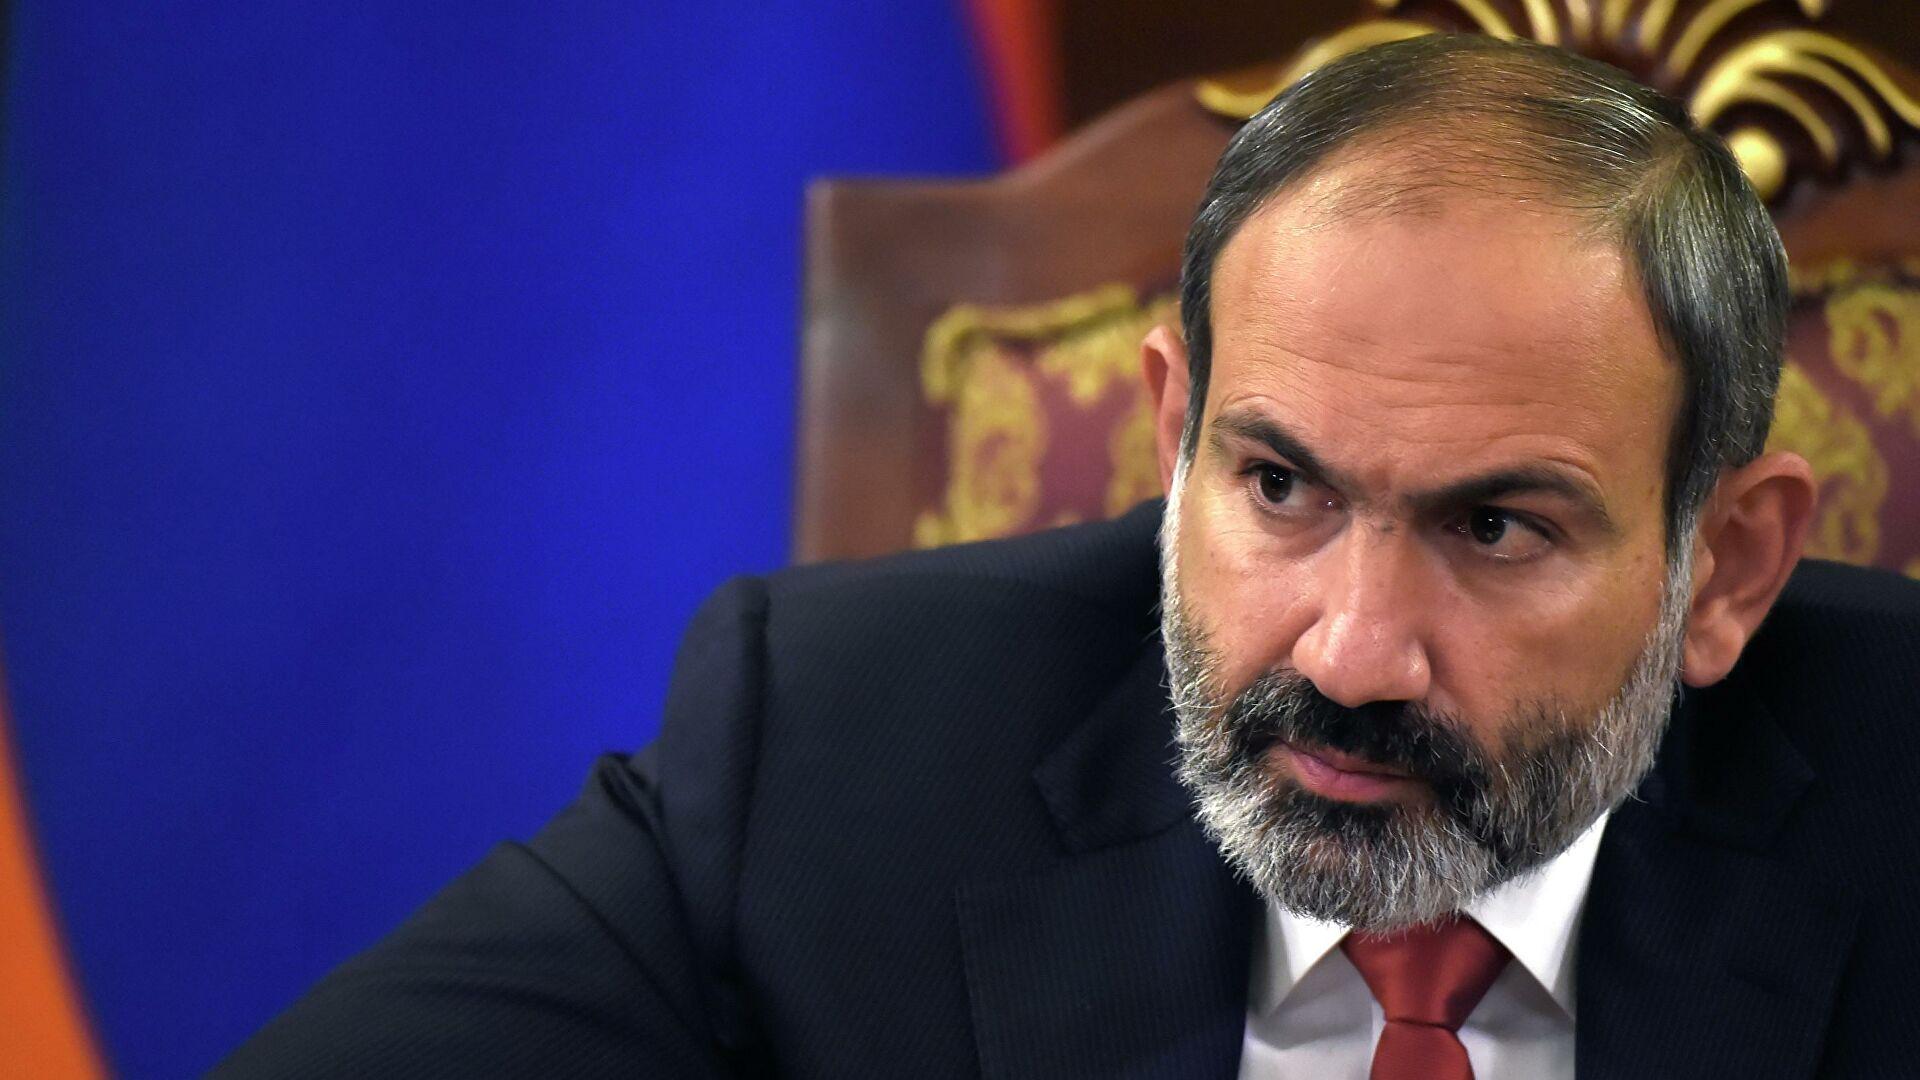 """Пашинян о войне в Карабахе: """"Ситуация на фронте крайне тяжелая, в бой брошены последние резервы"""""""